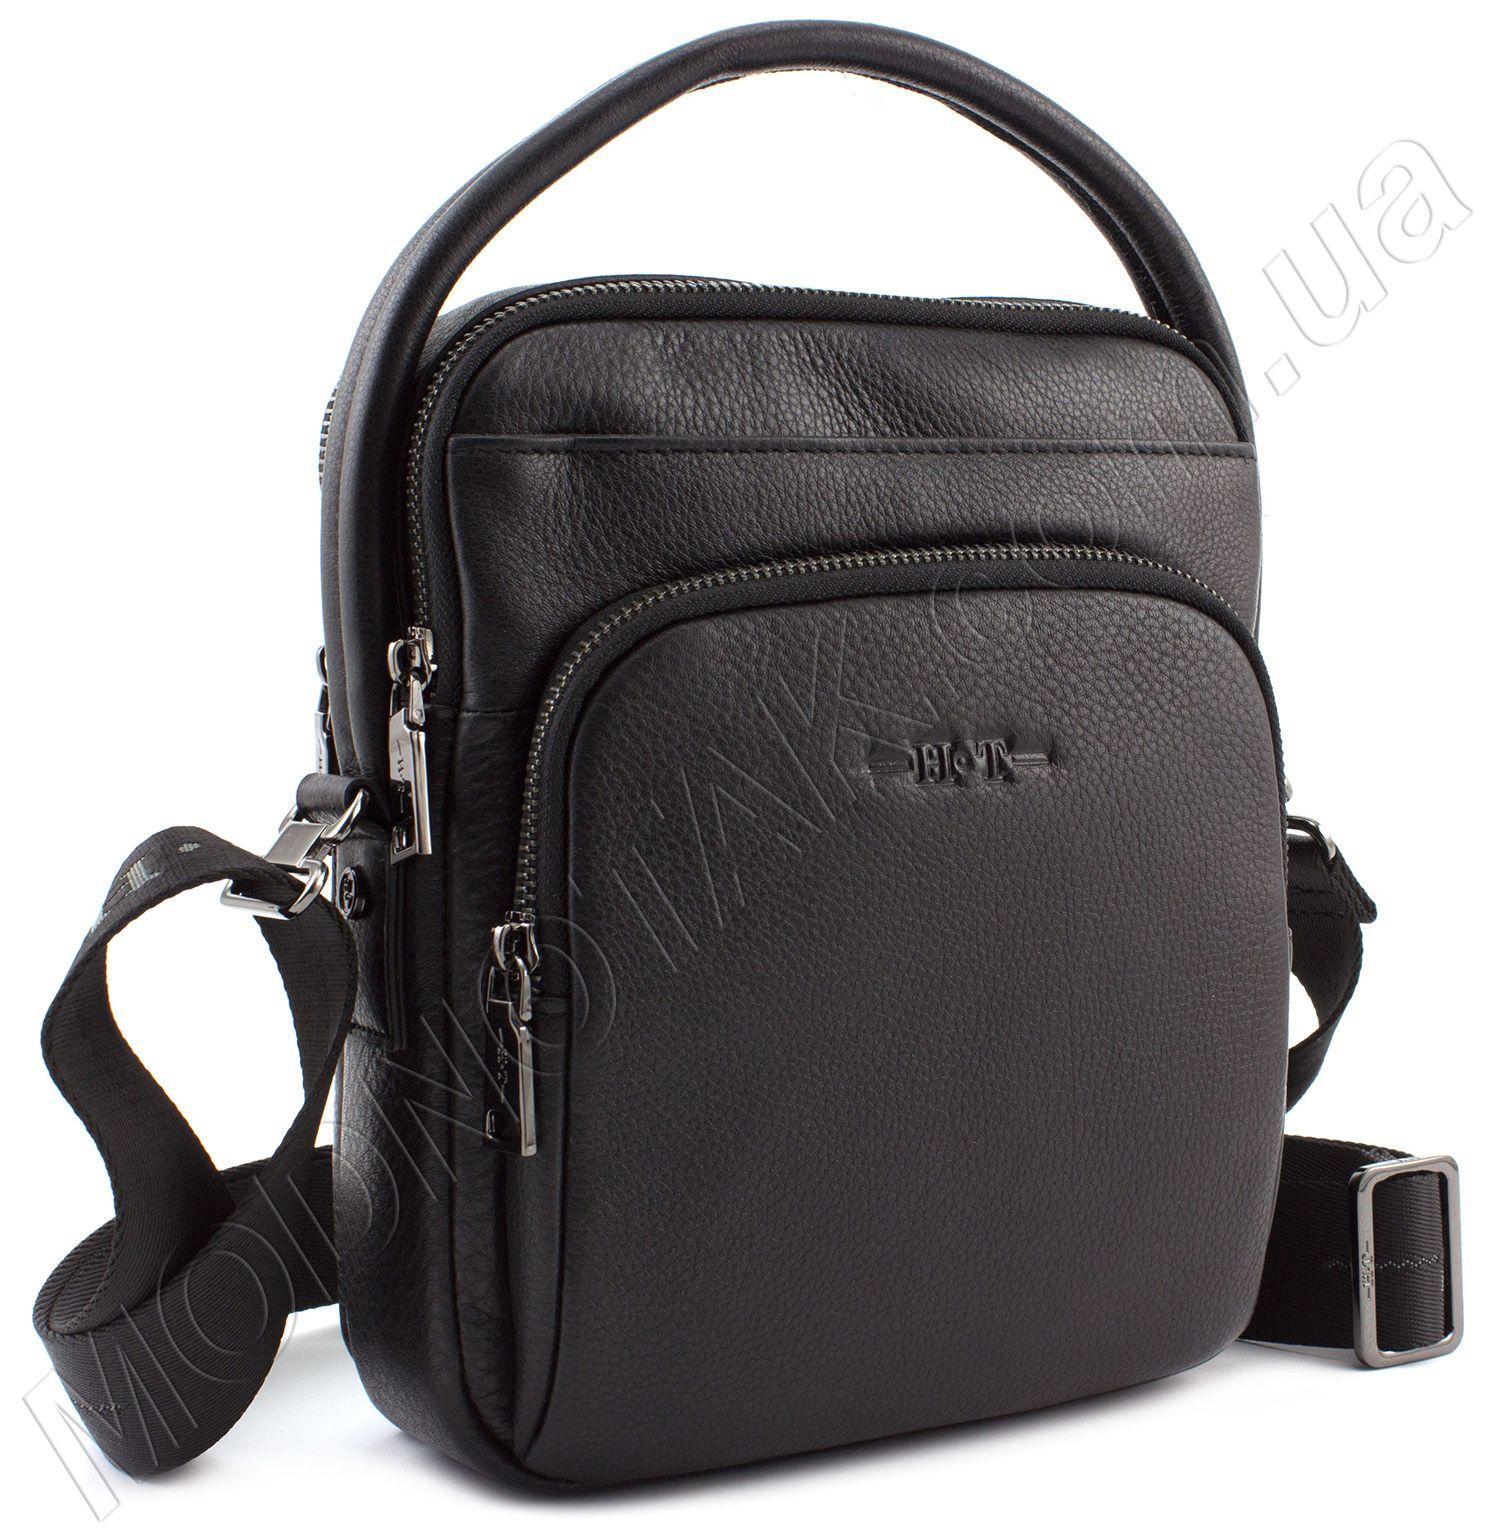 d3ddcbd07e42 Сумка-барсетка из натуральной кожи HT Leather: купить кожаную сумку ...